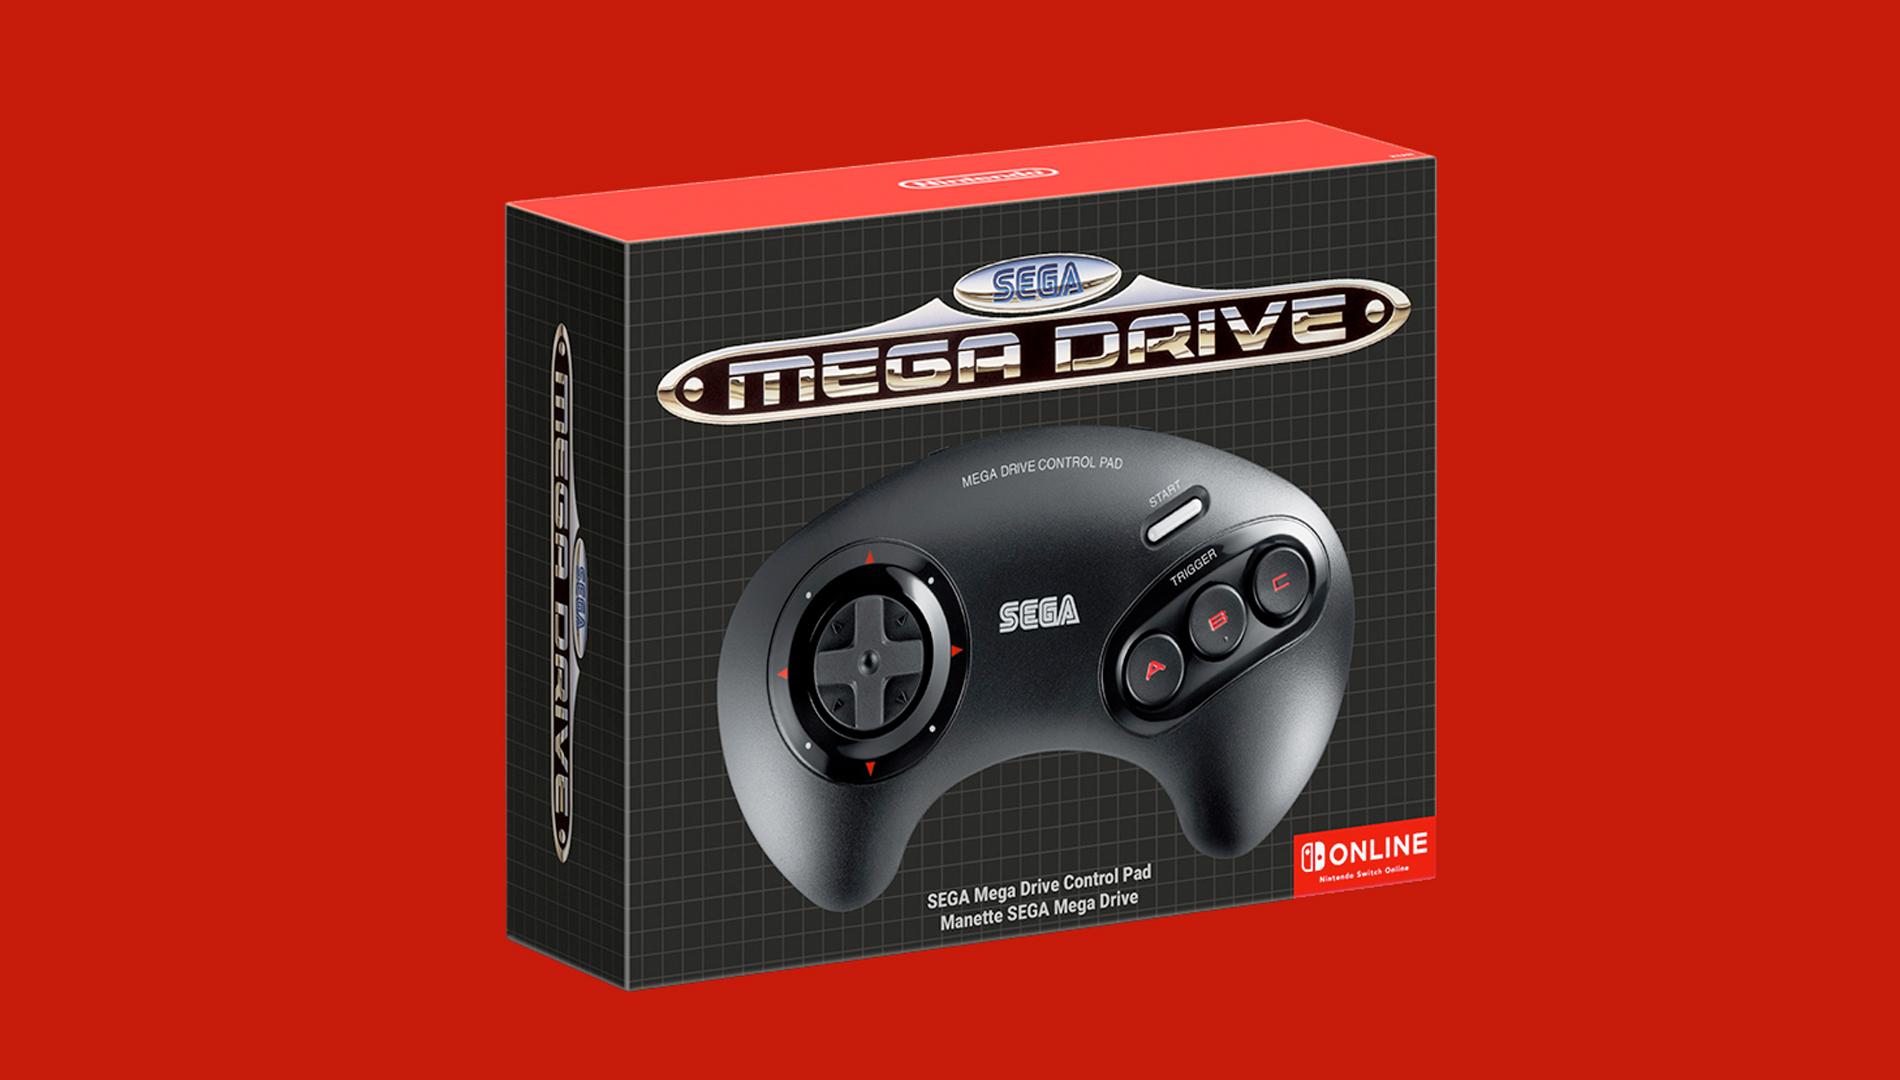 Nintendo Switch : Pourquoi la manette Mega Drive 3 boutons en occident ? Nintendo s'explique